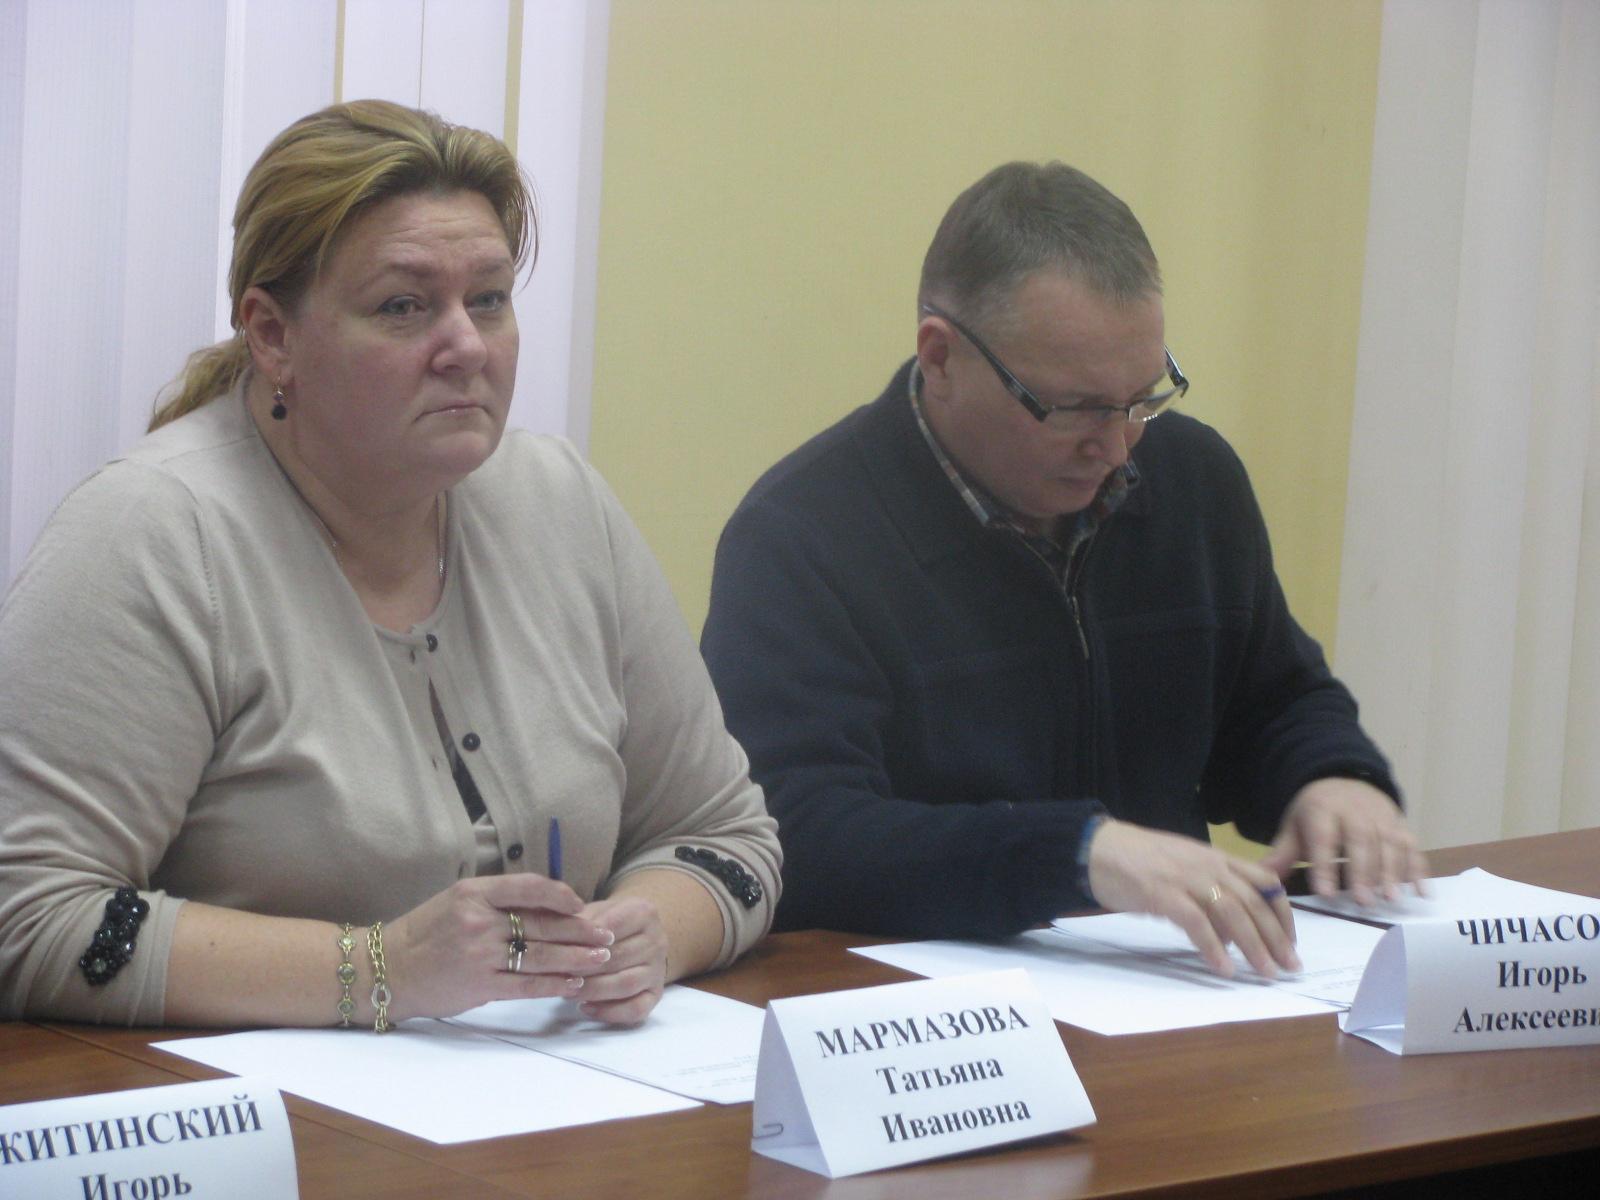 Тульский областной суд оставил в силе решение о депортации на Украину Татьяны Мармазовой